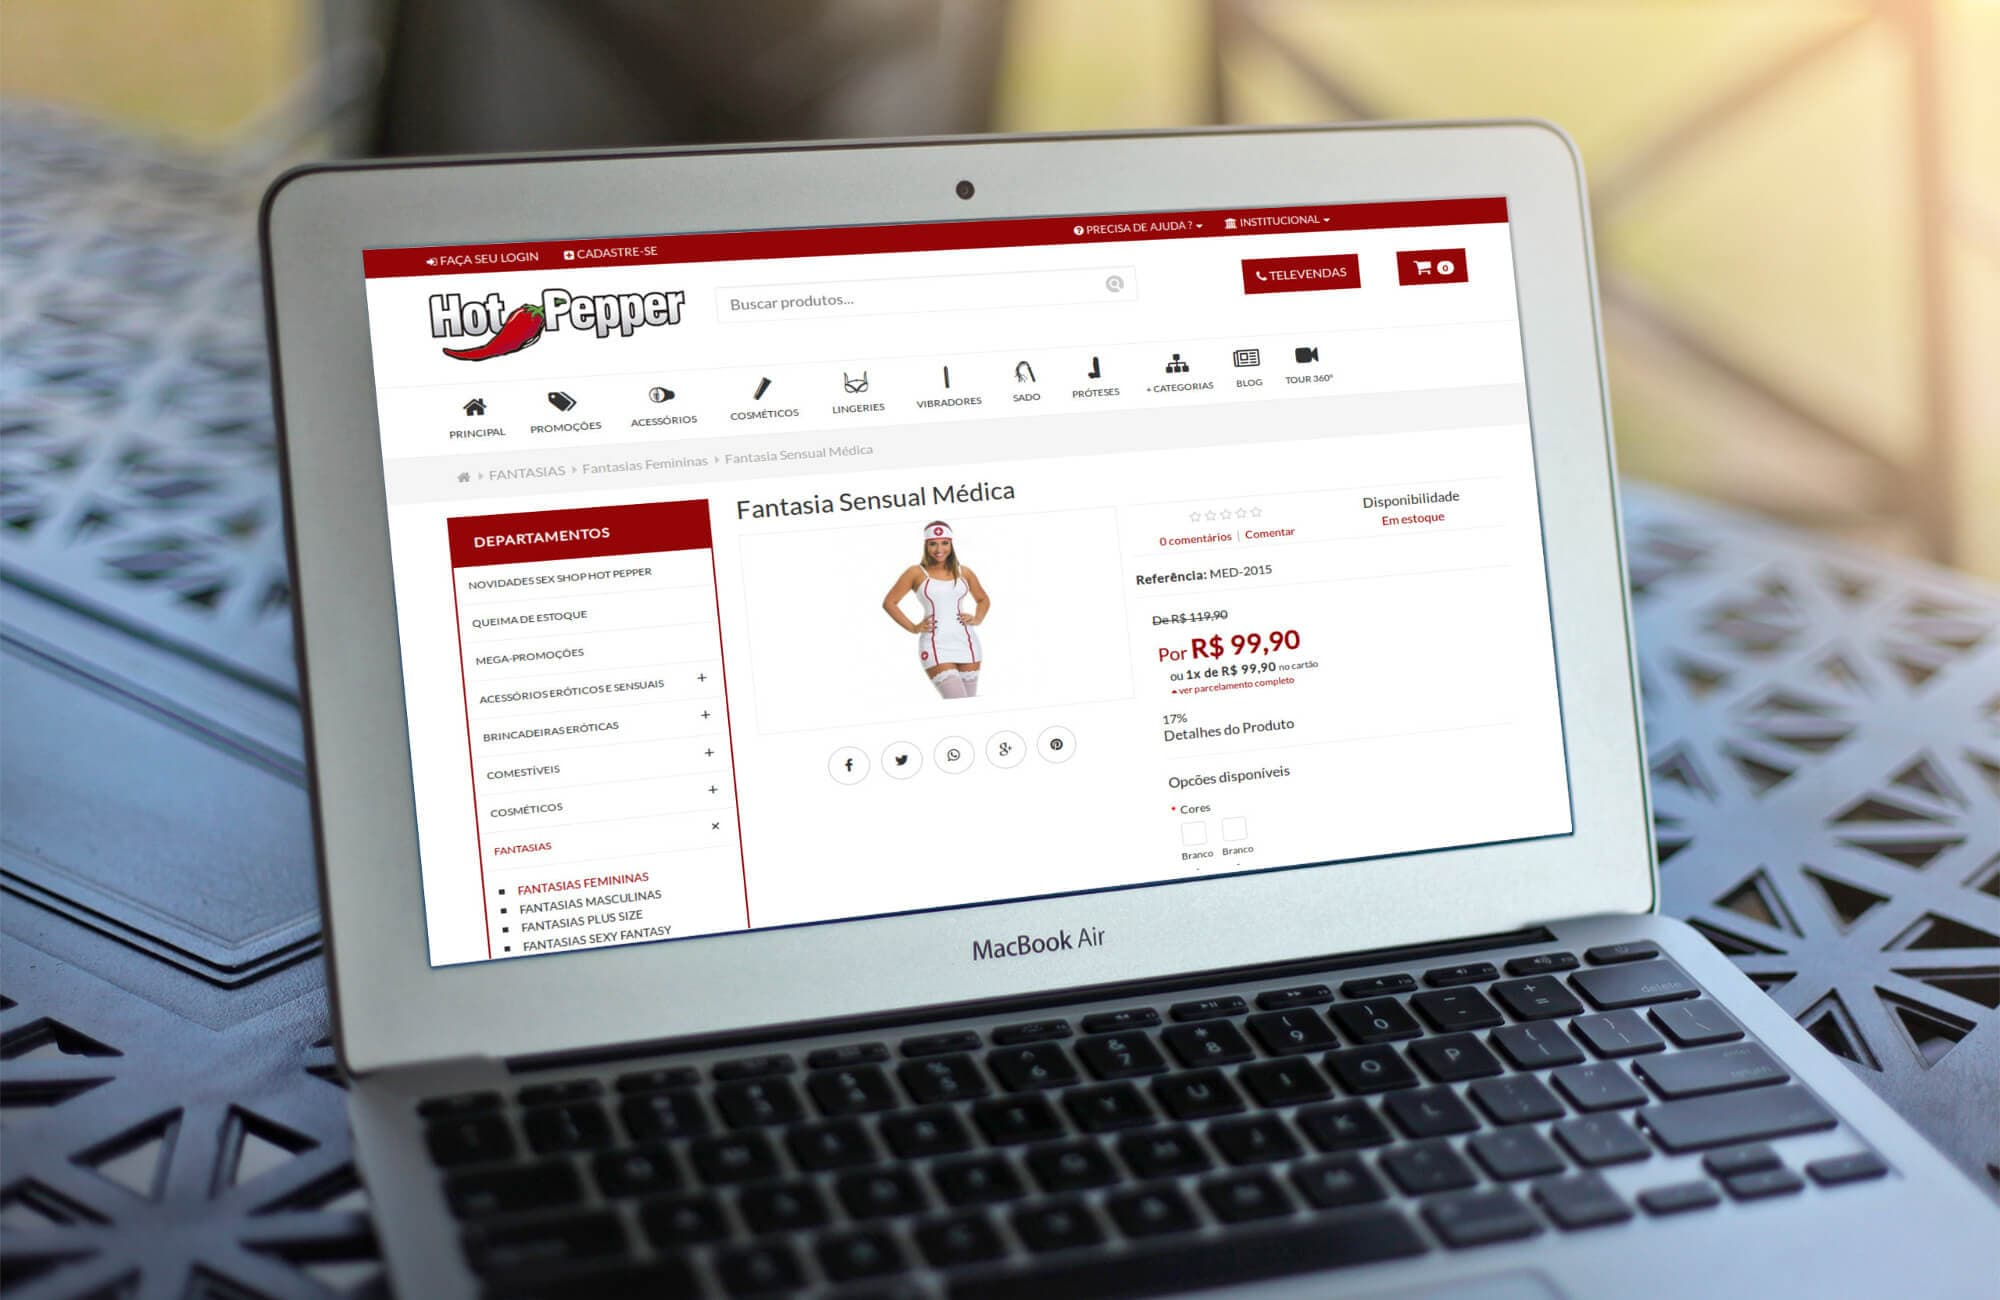 sex shop on line hot pepper1 - Sex shop online: 10 Cuidados para fazer uma compra certa